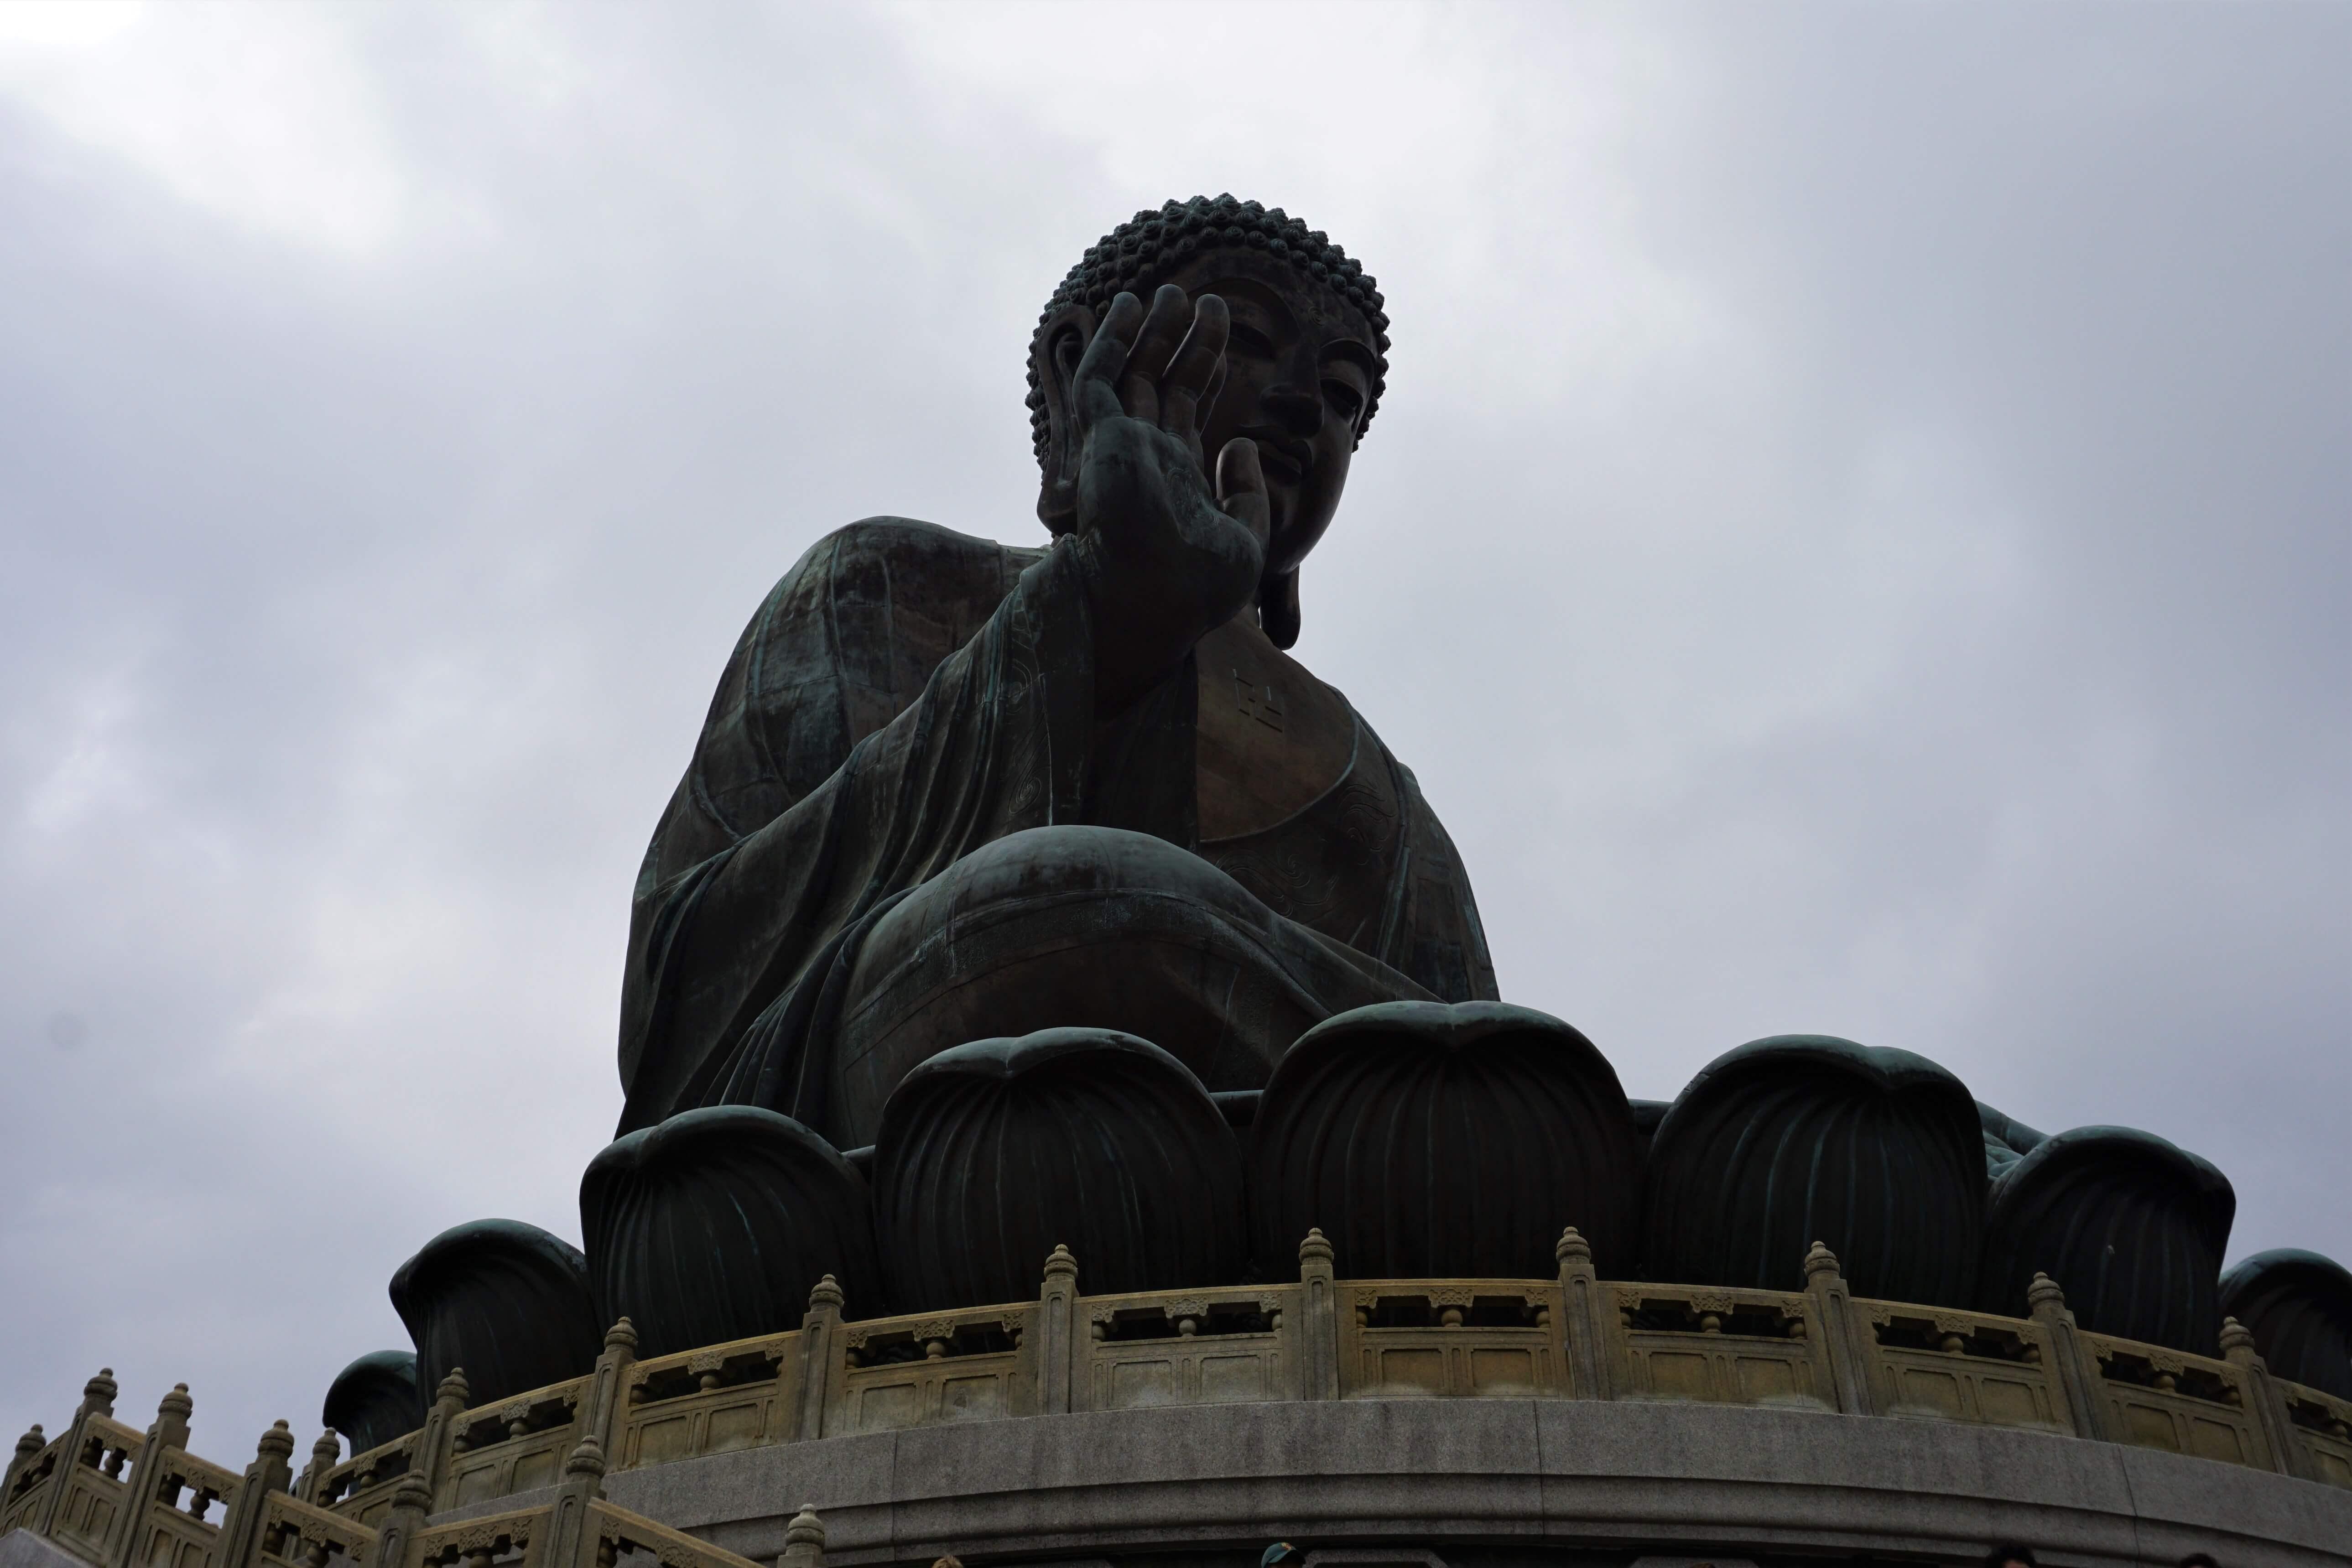 Close-up of the Giant Buddha on Lantau Island